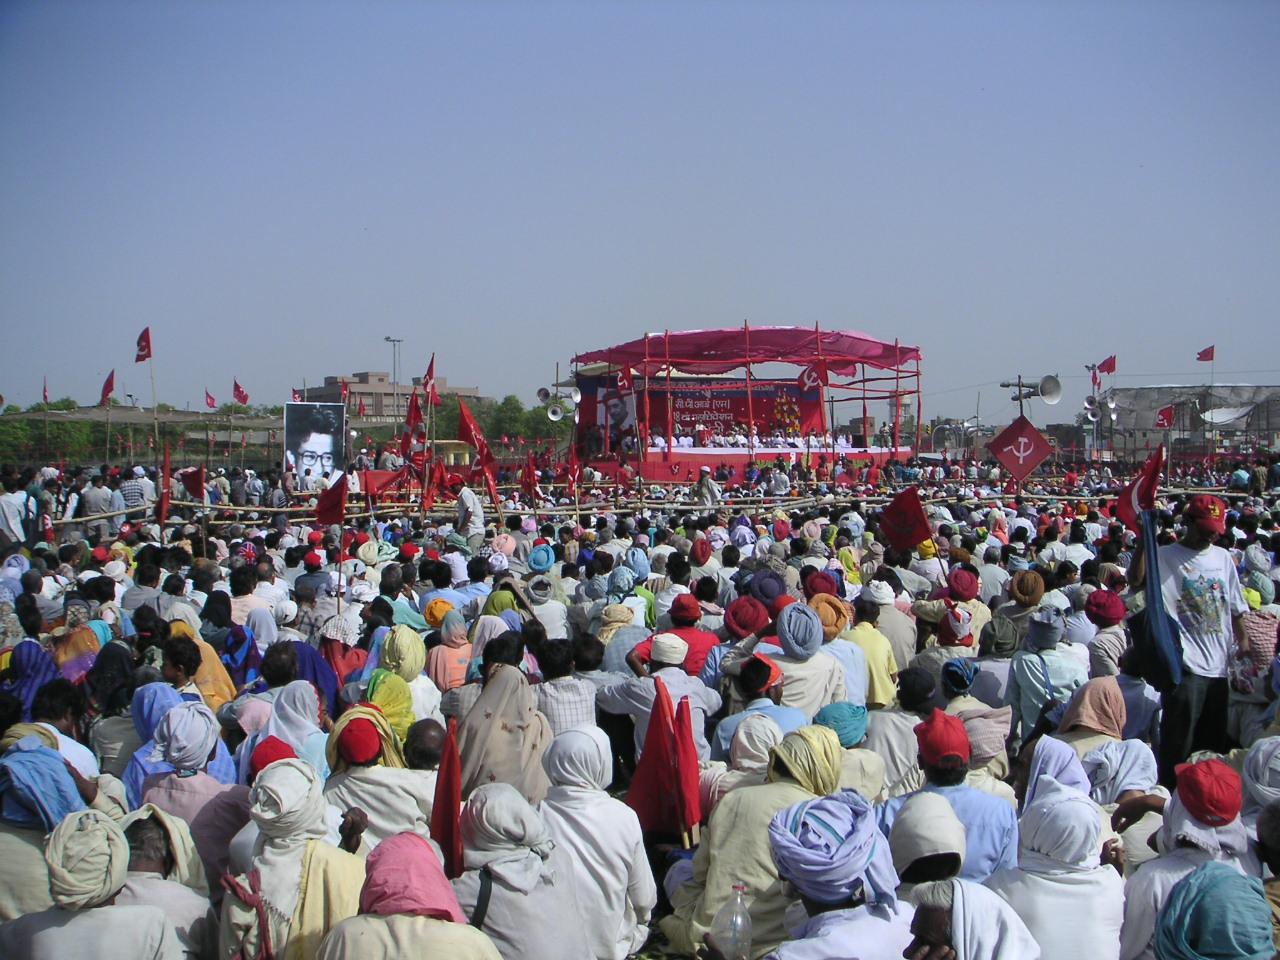 CPI(M) 18th Congress rally in Delhi